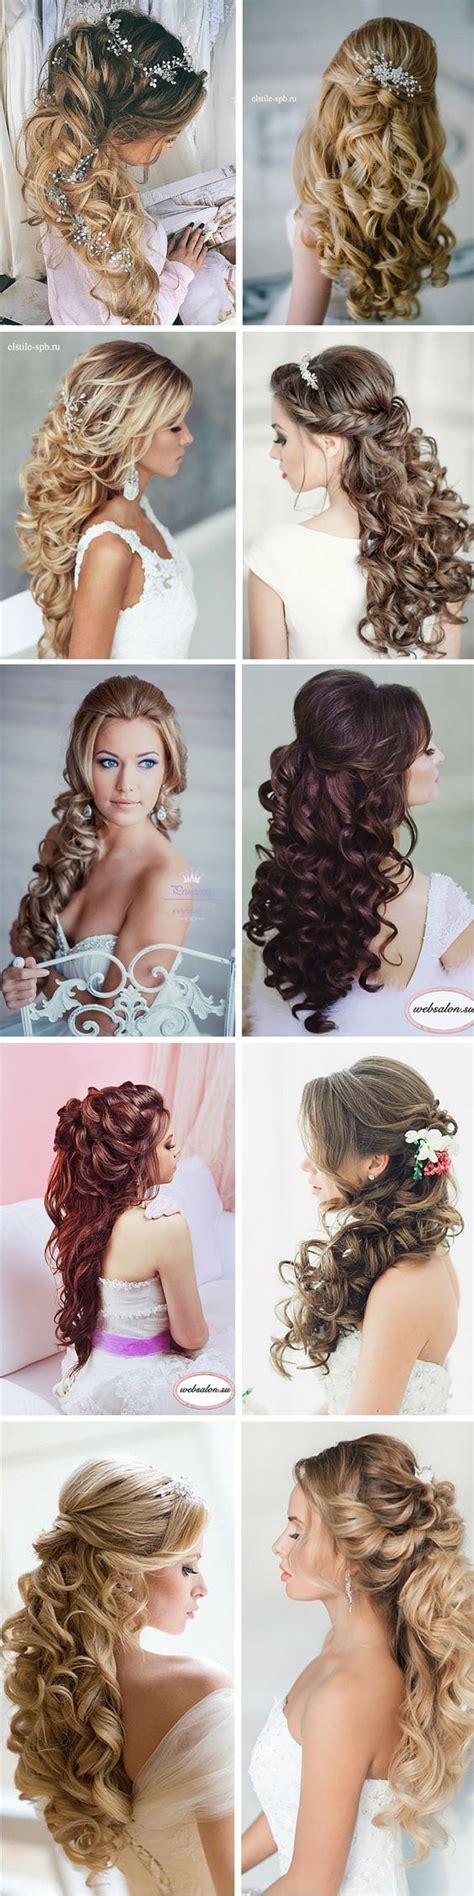 hairstyle for 40 yrar old bride romantische hochzeit frisuren bob frisuren